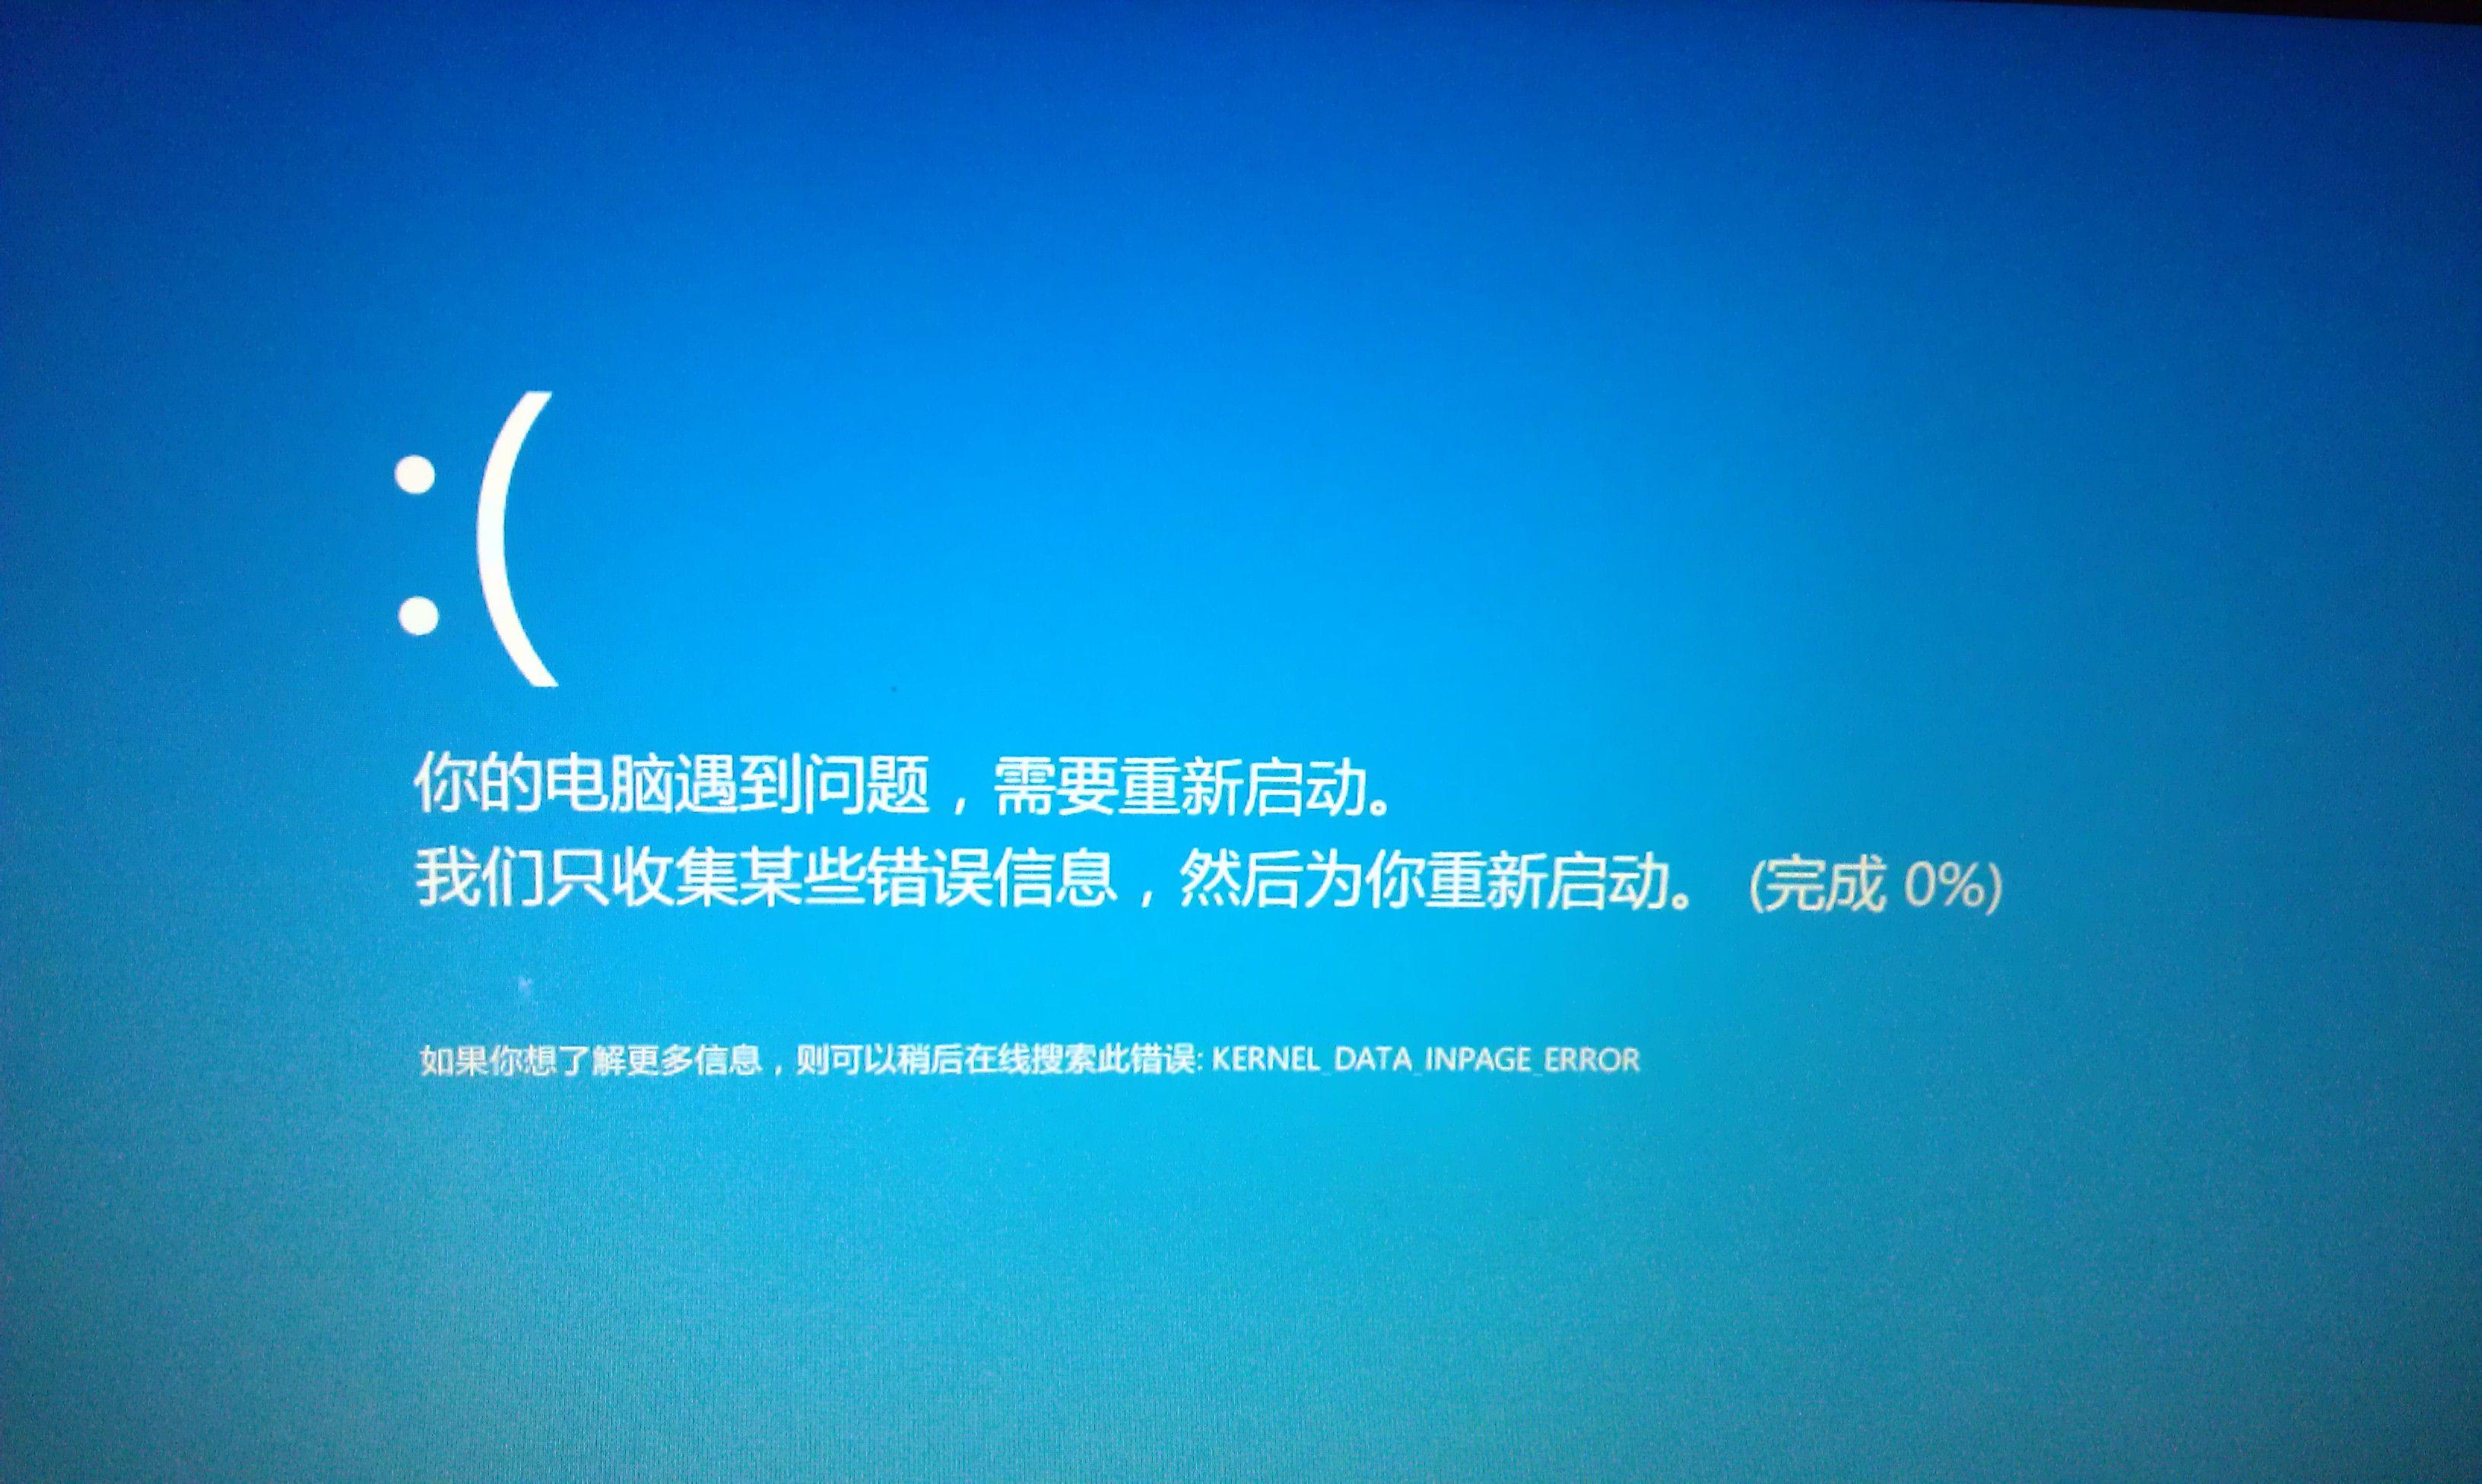 电脑总是自动重启_电脑无故重启的原因有哪些